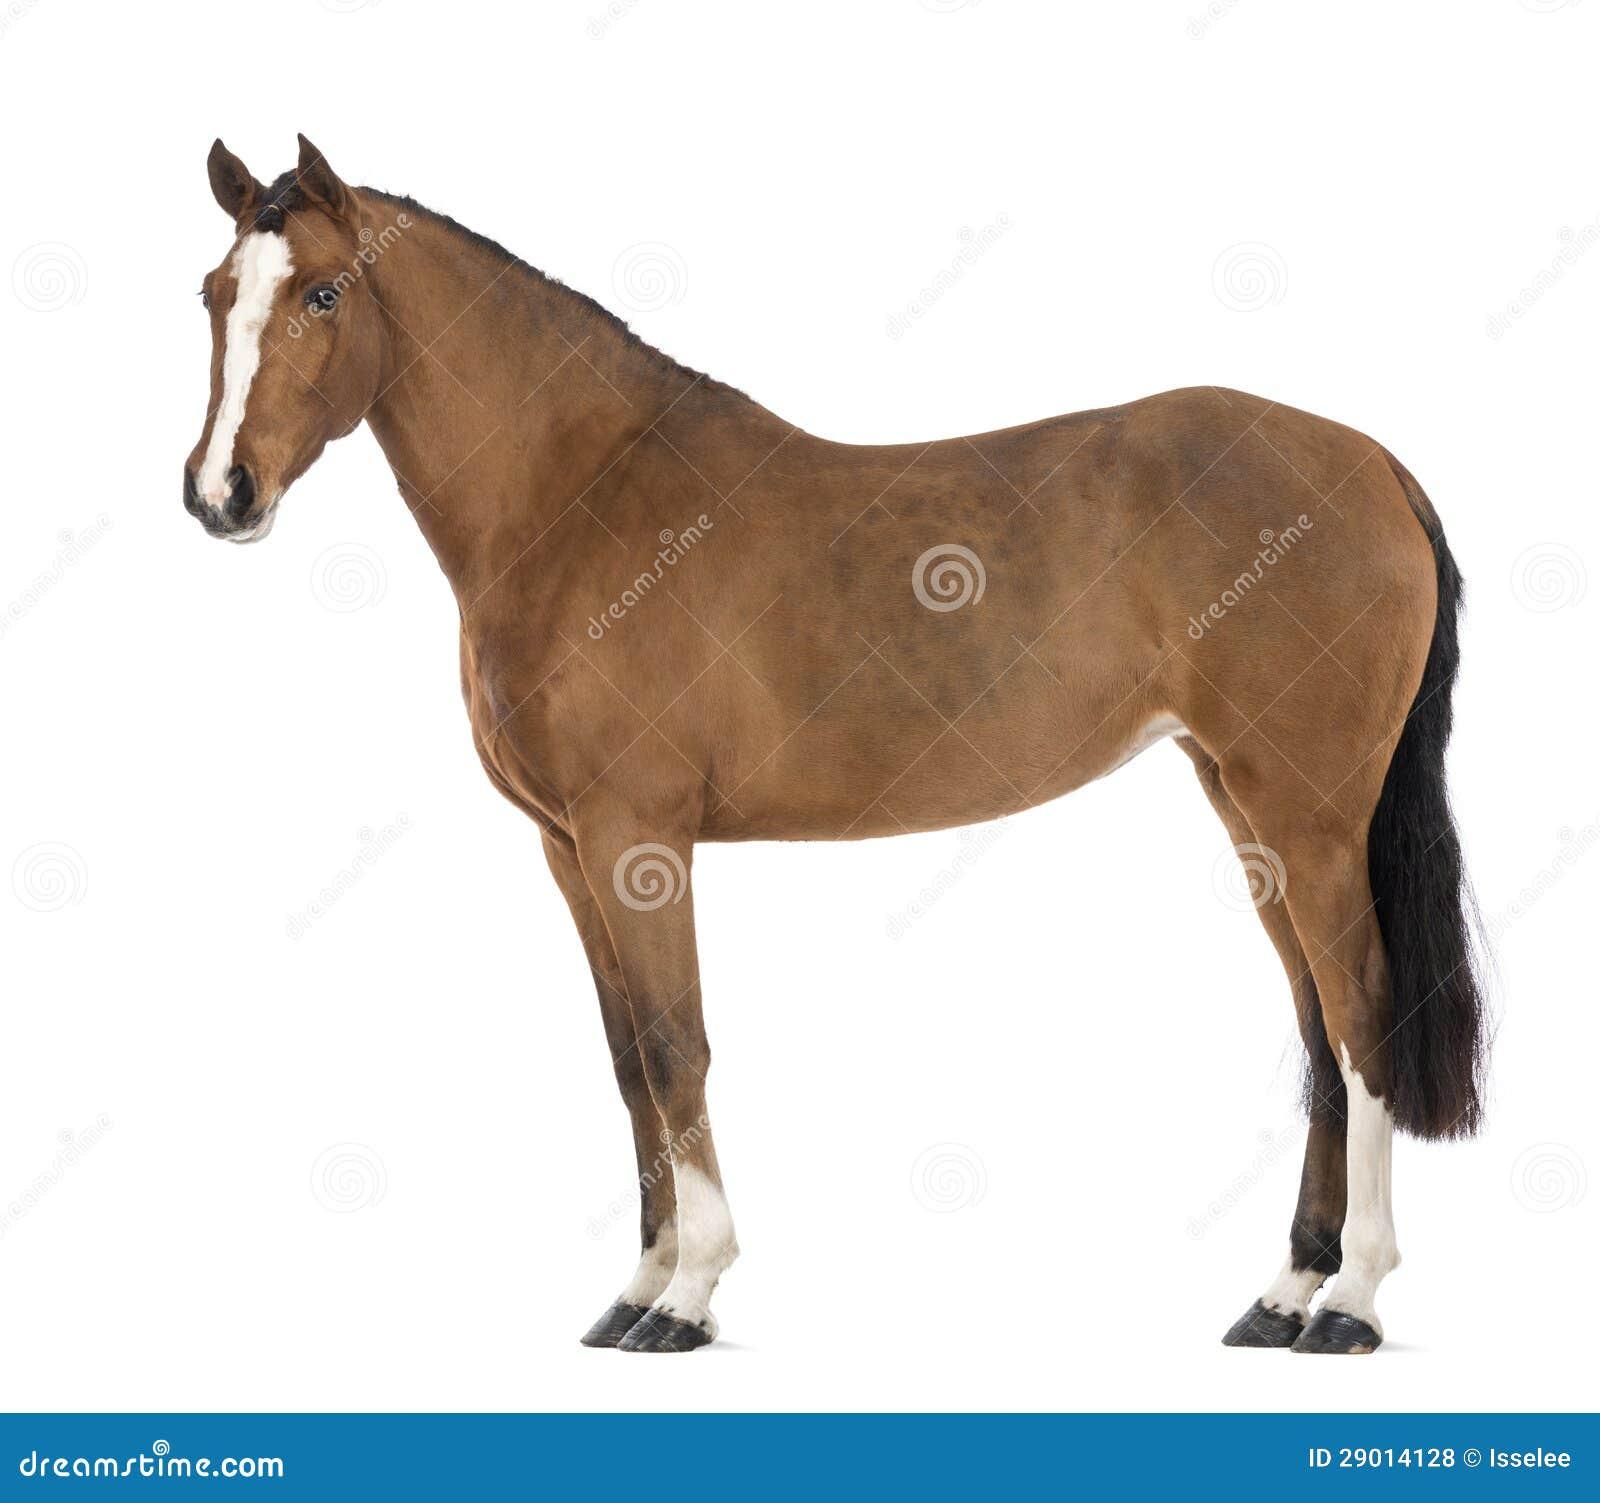 一个女性安达卢西亚人,3岁,亦称纯西班牙马的侧视图或者前空白背景.